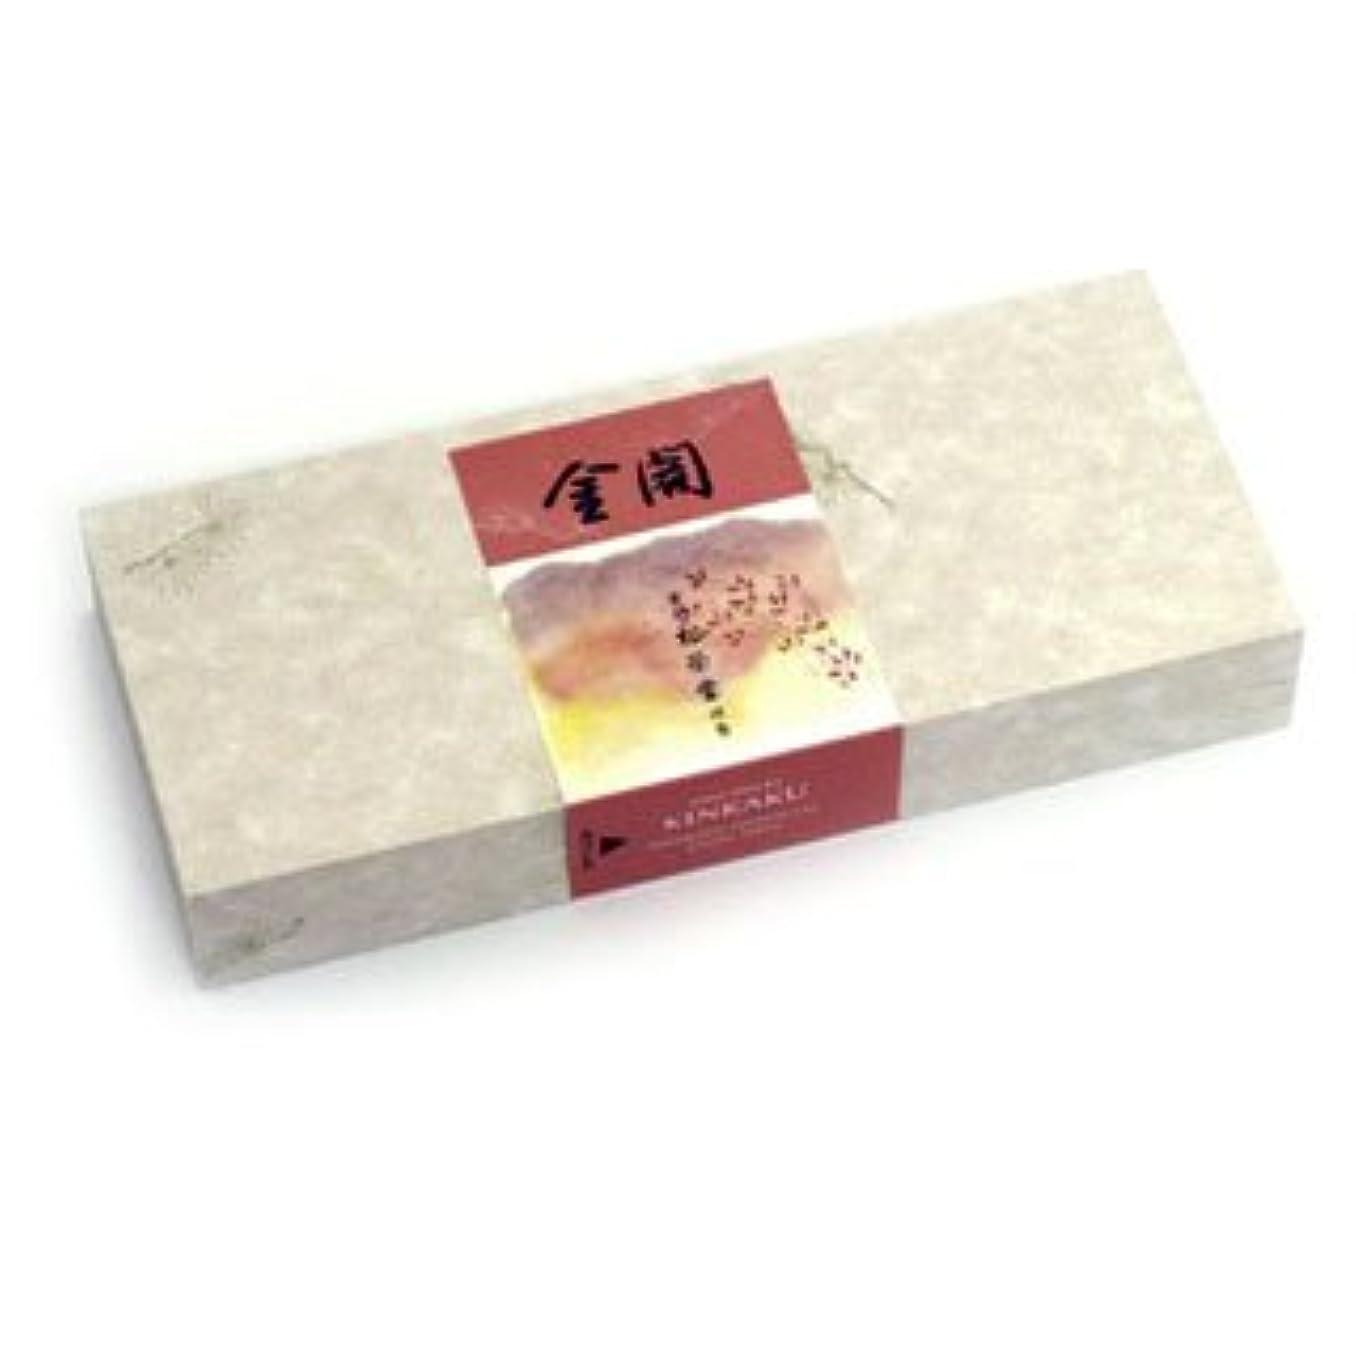 アミューズ推進、動かすシェフShoyeido 's Golden Pavilion Incense、150 sticks – kin-kaku